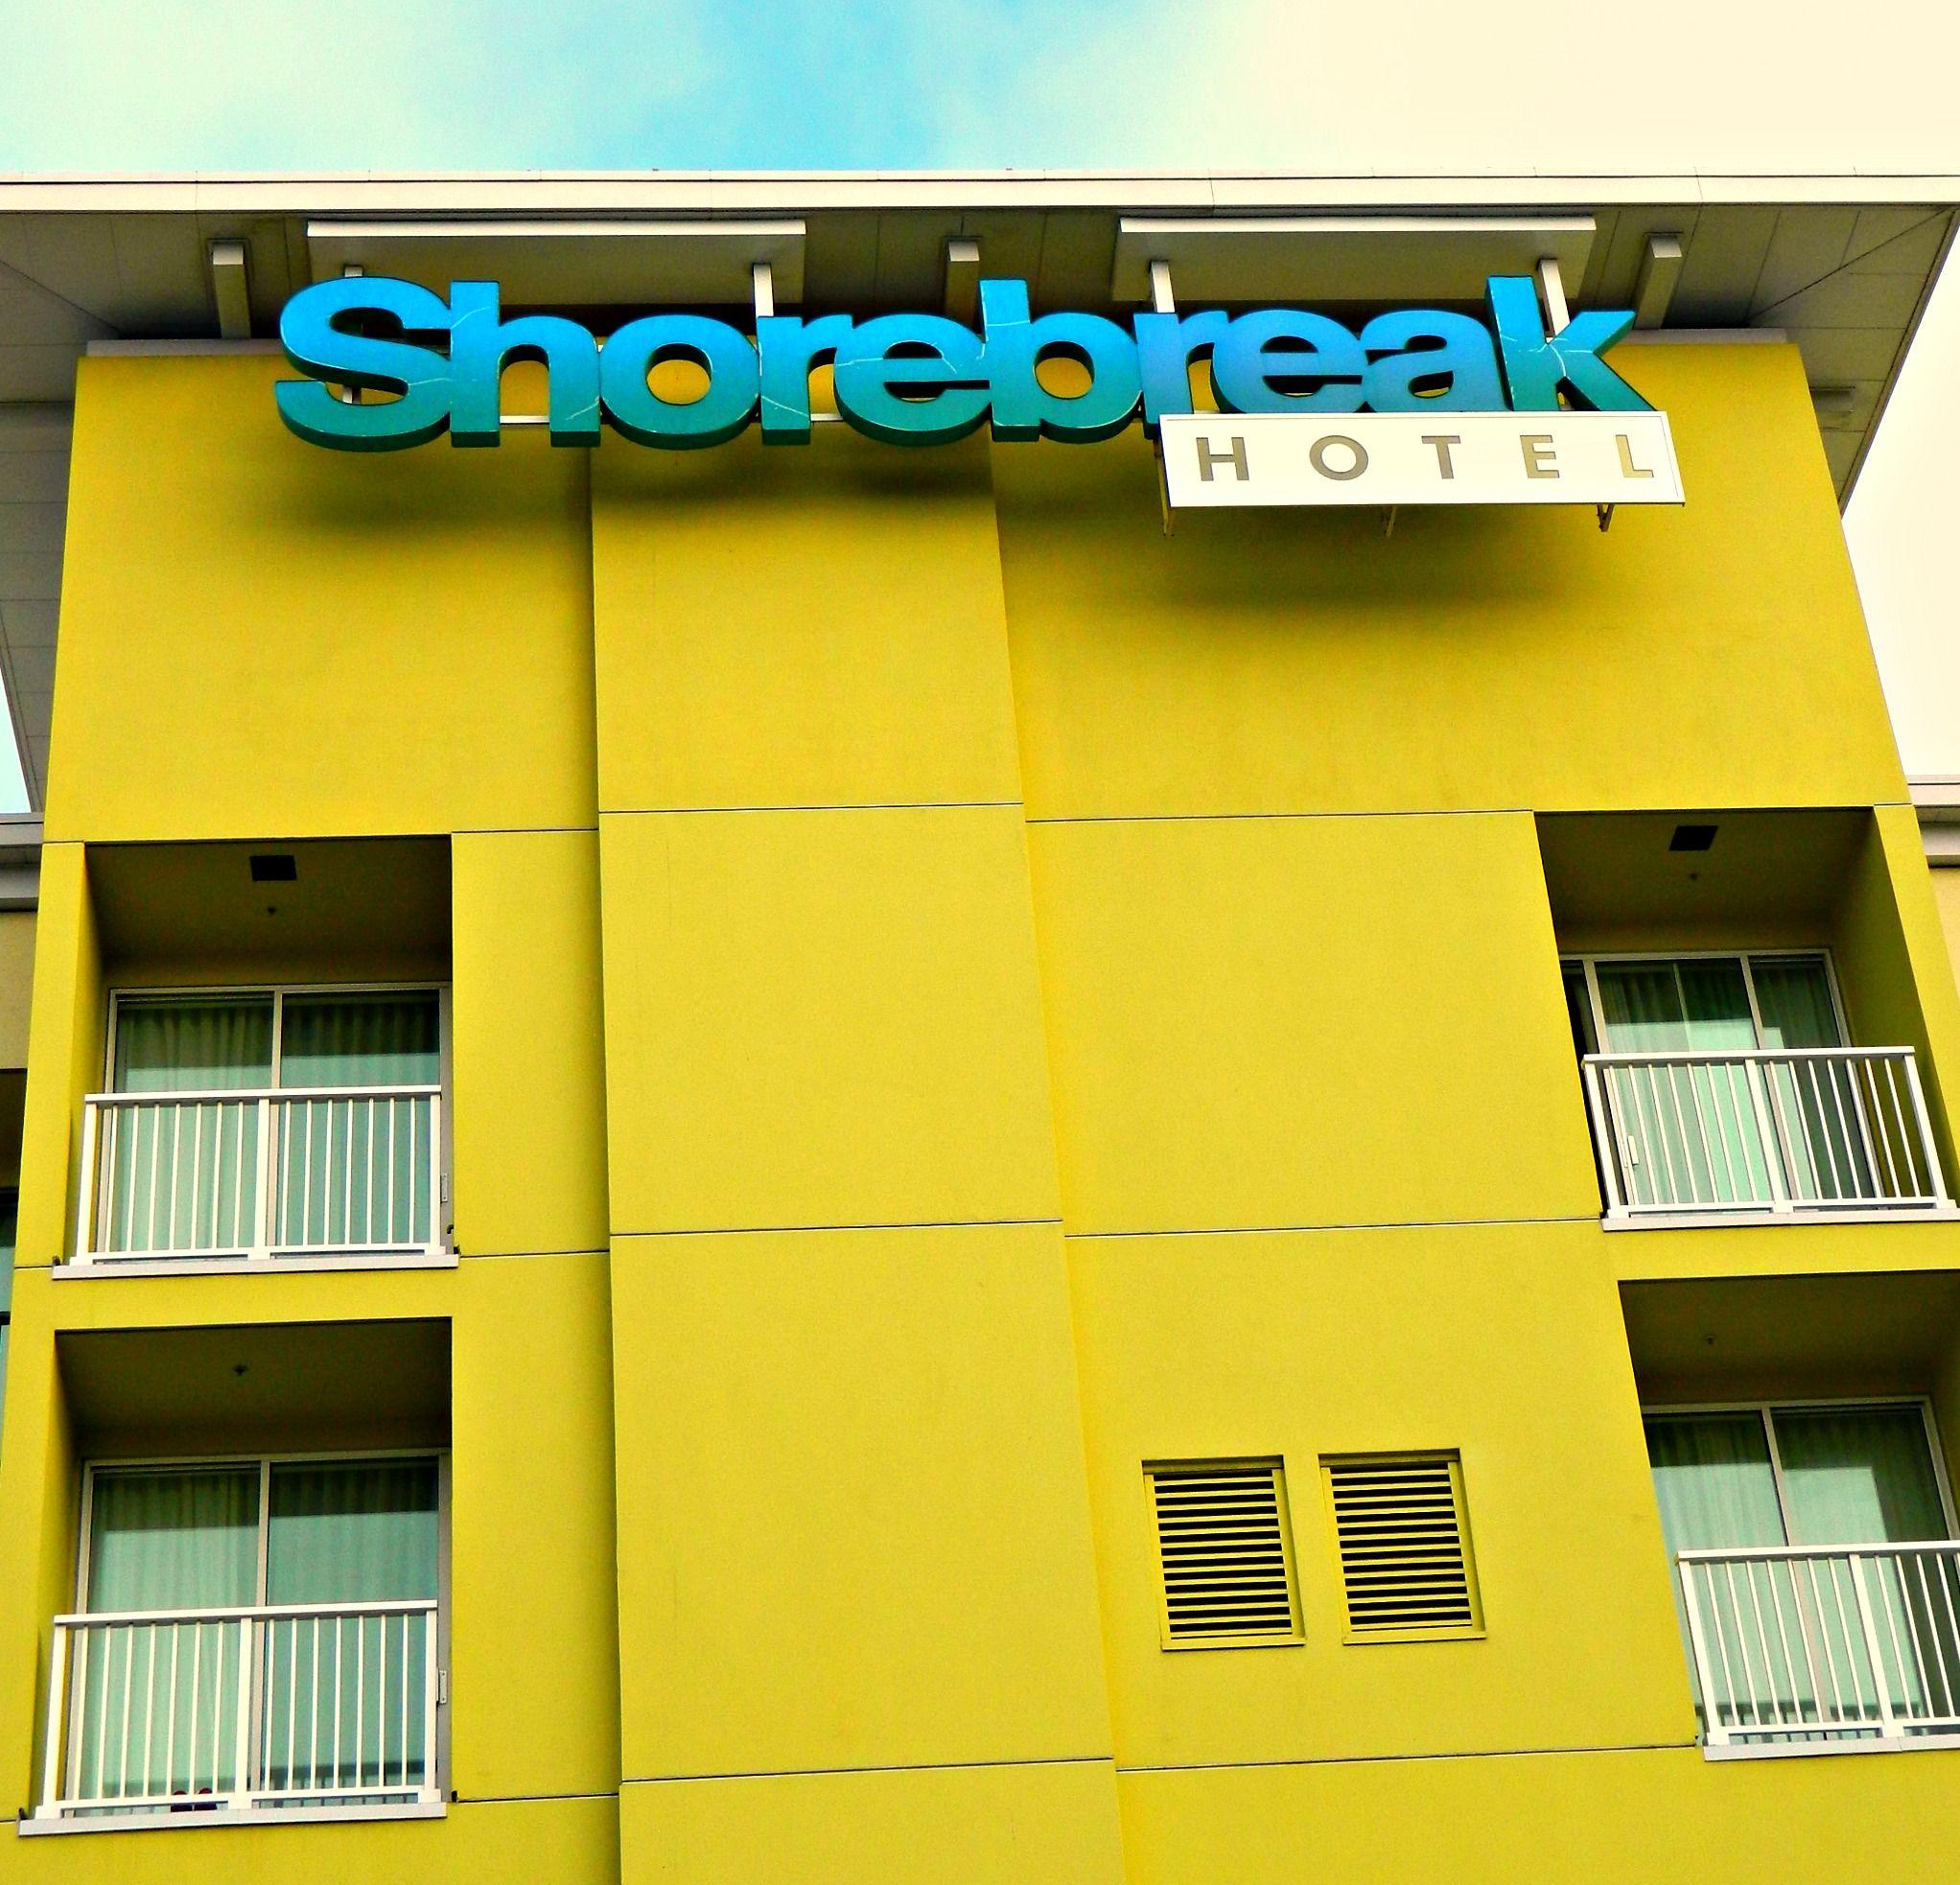 The Shorebreak Hotel in HB